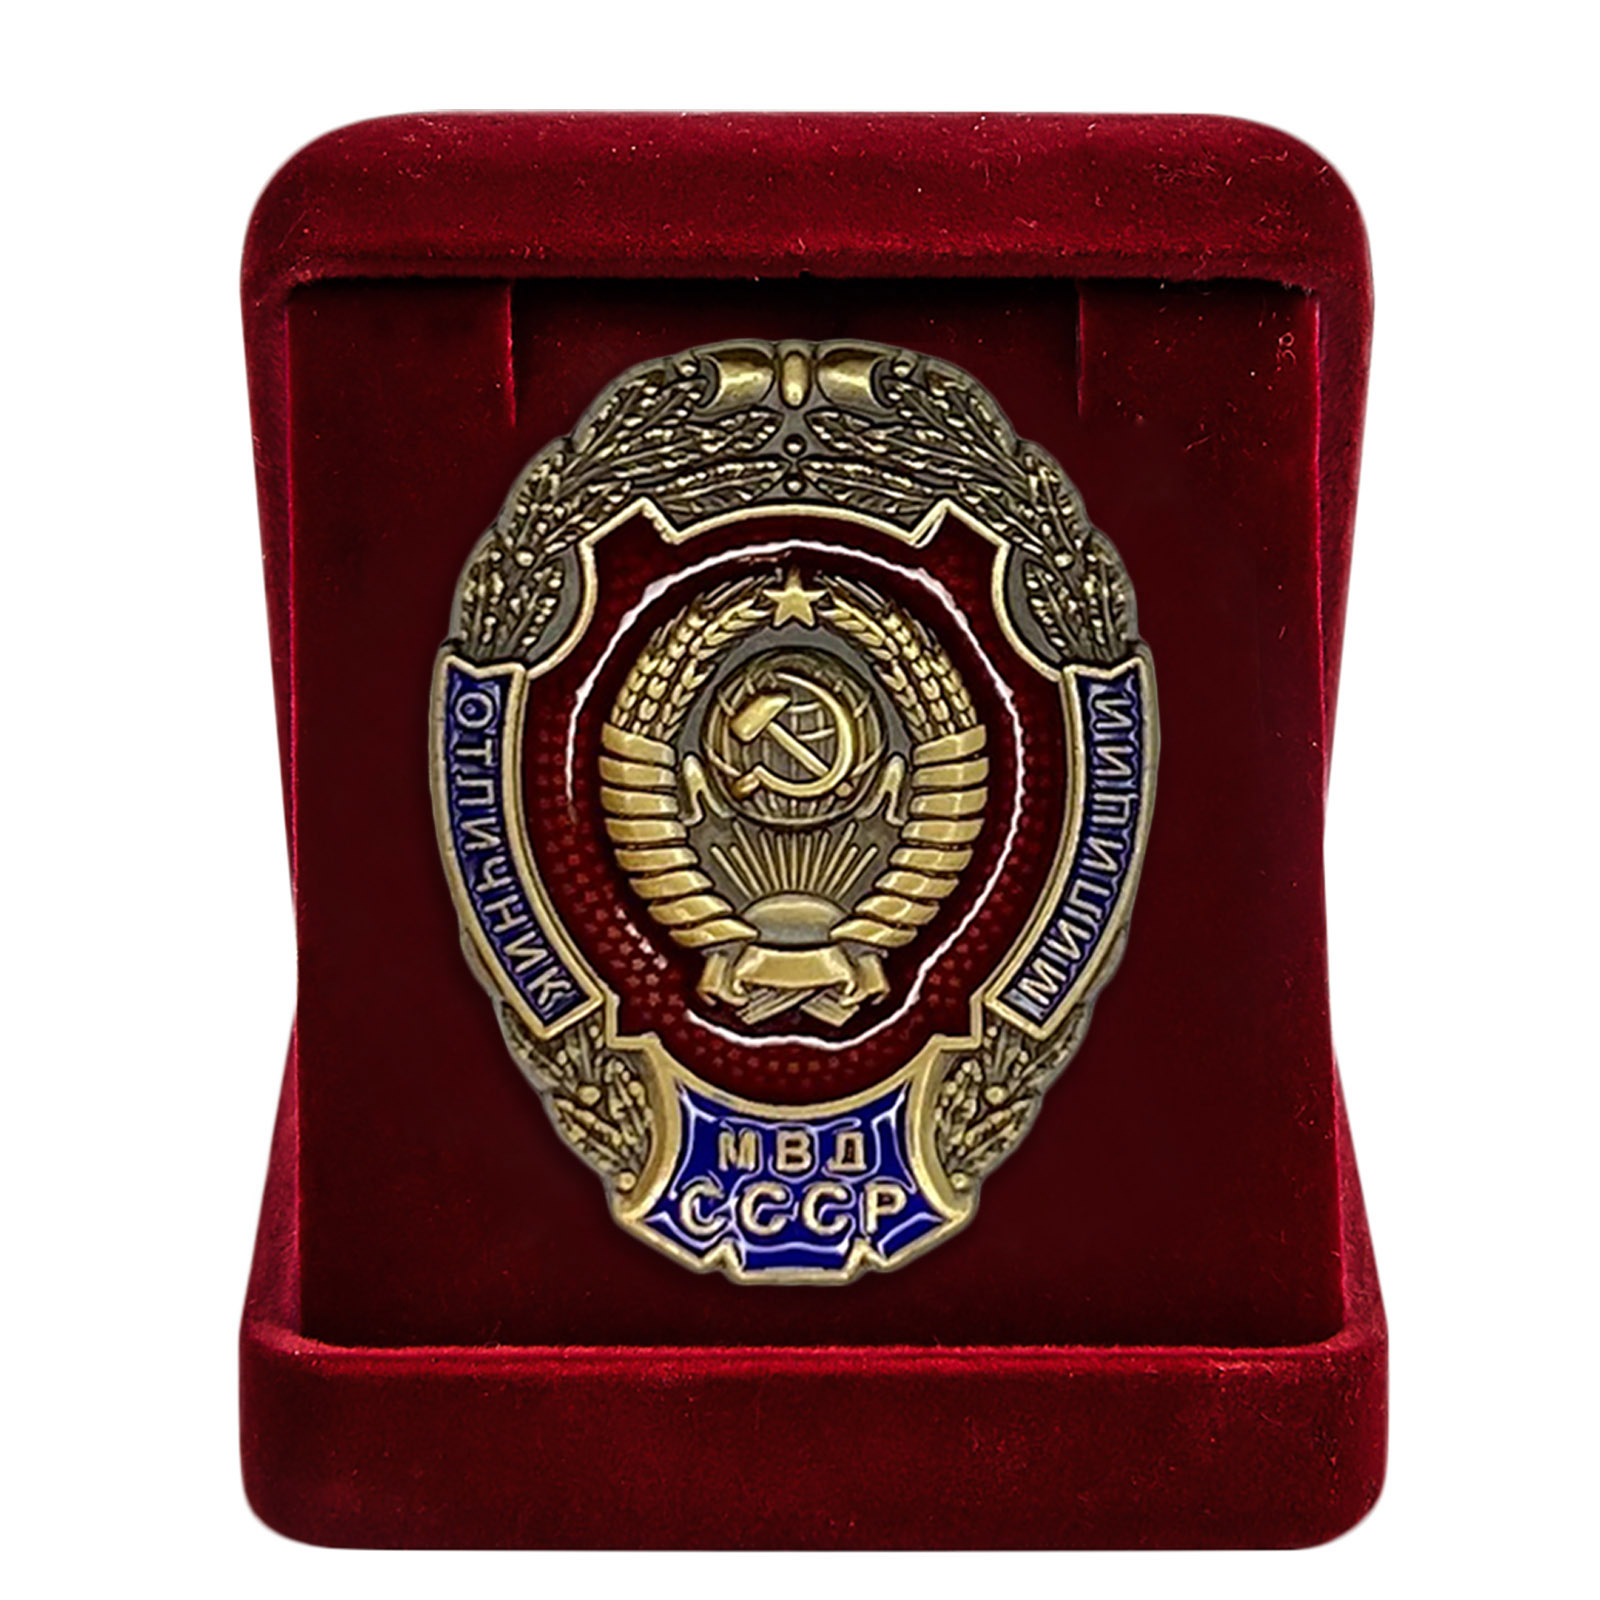 Наградной знак Отличник милиции МВД СССР